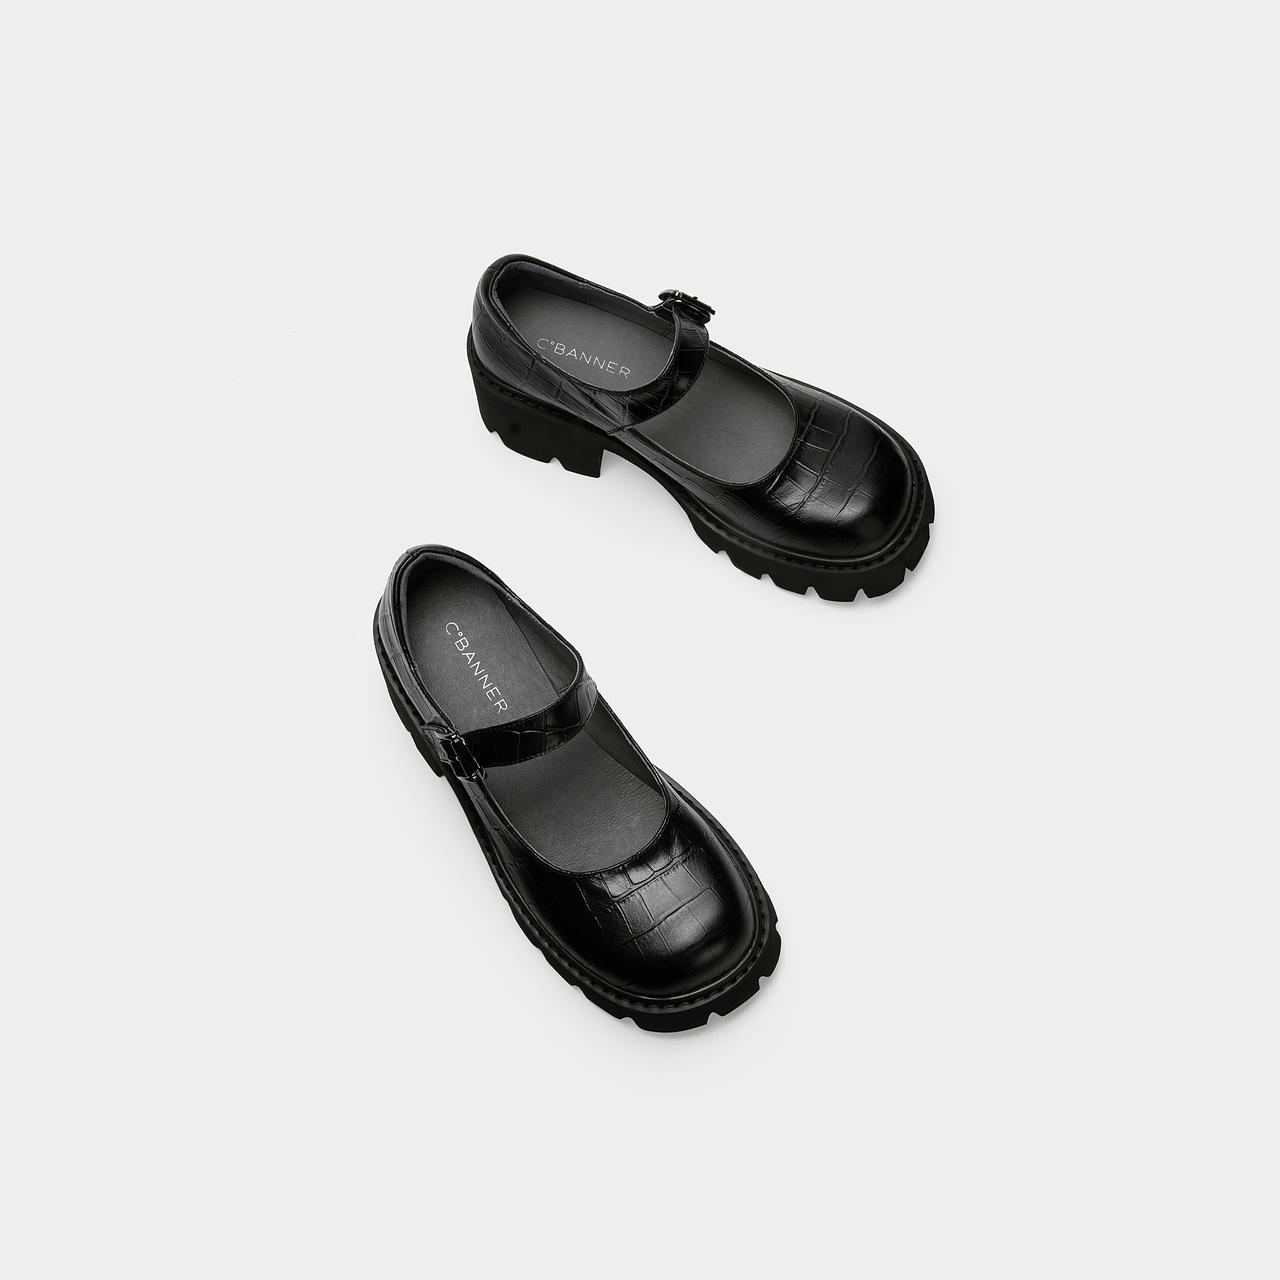 年夏季新款新款玛丽珍鞋女复古厚底日系学院风单鞋 2021 千百度女鞋